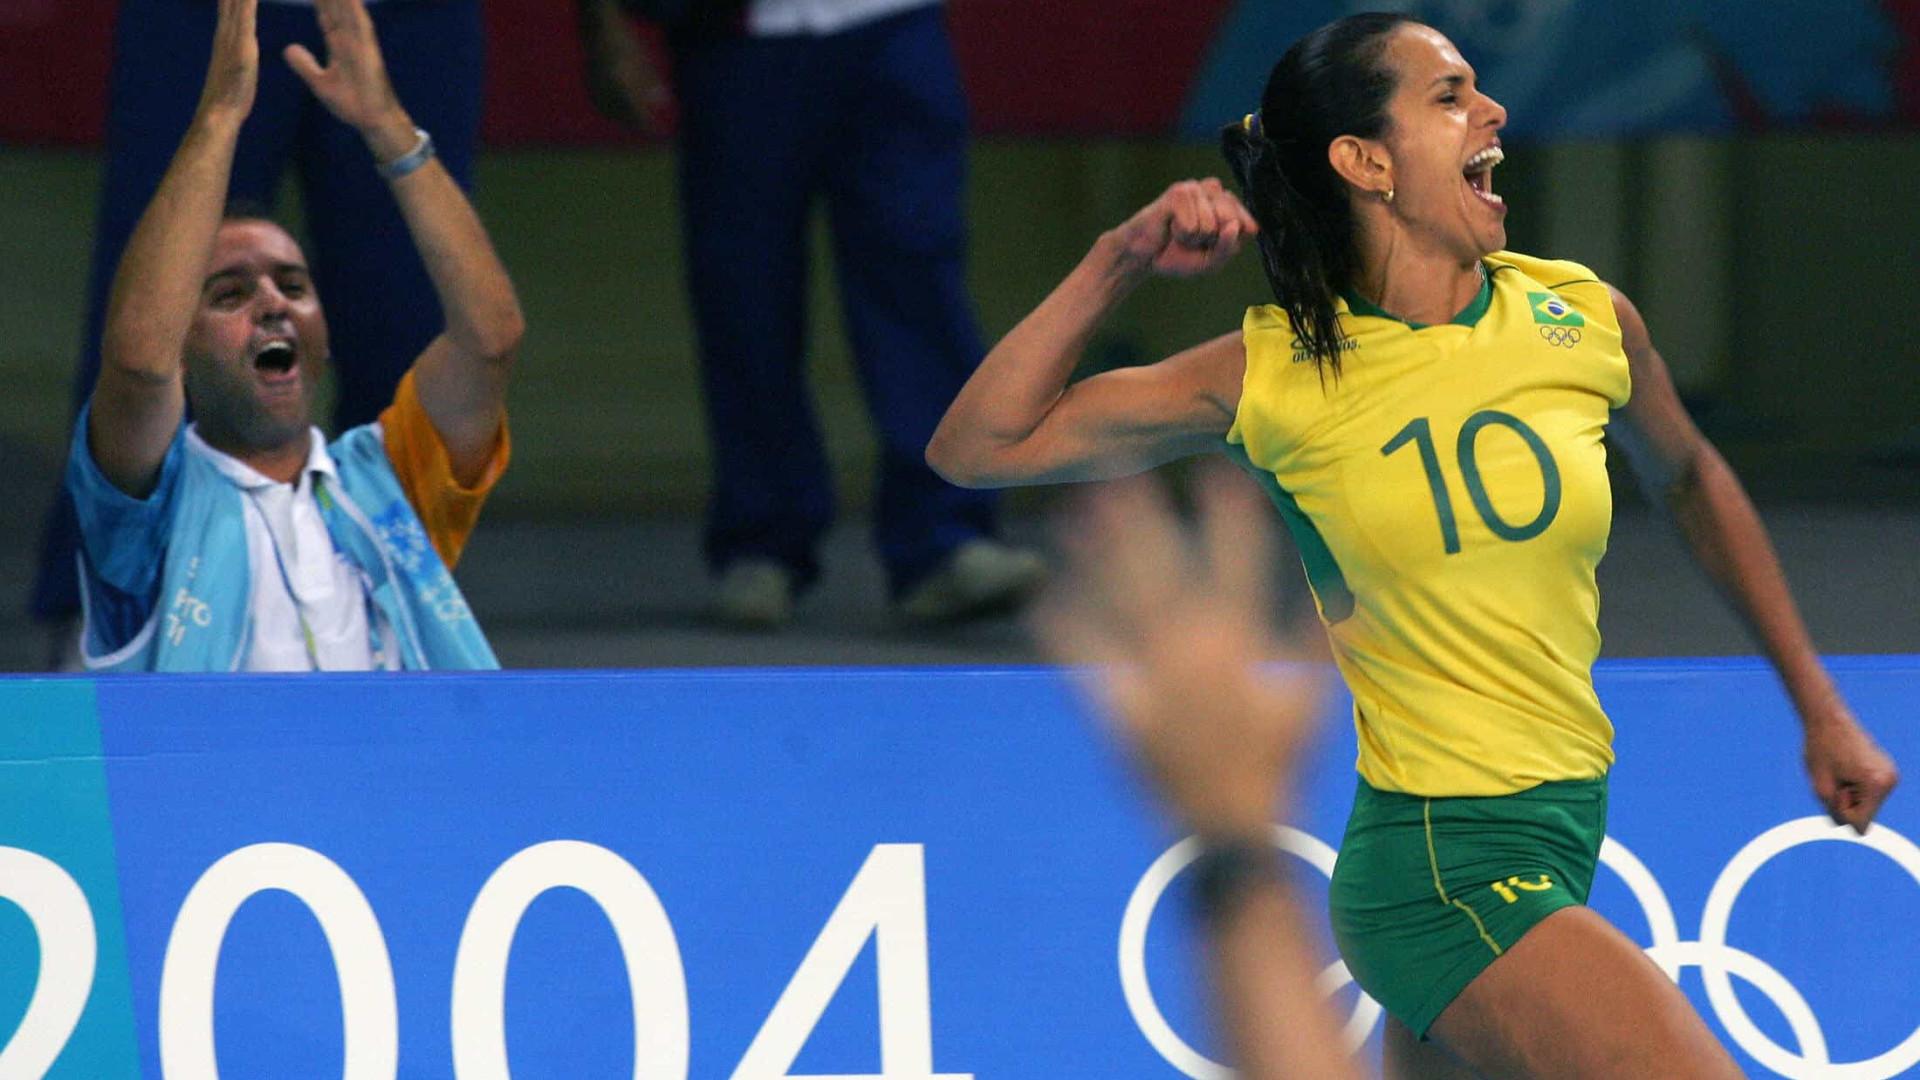 Covid-19: Virna, medalhista olímpica no vôlei, testa positivo